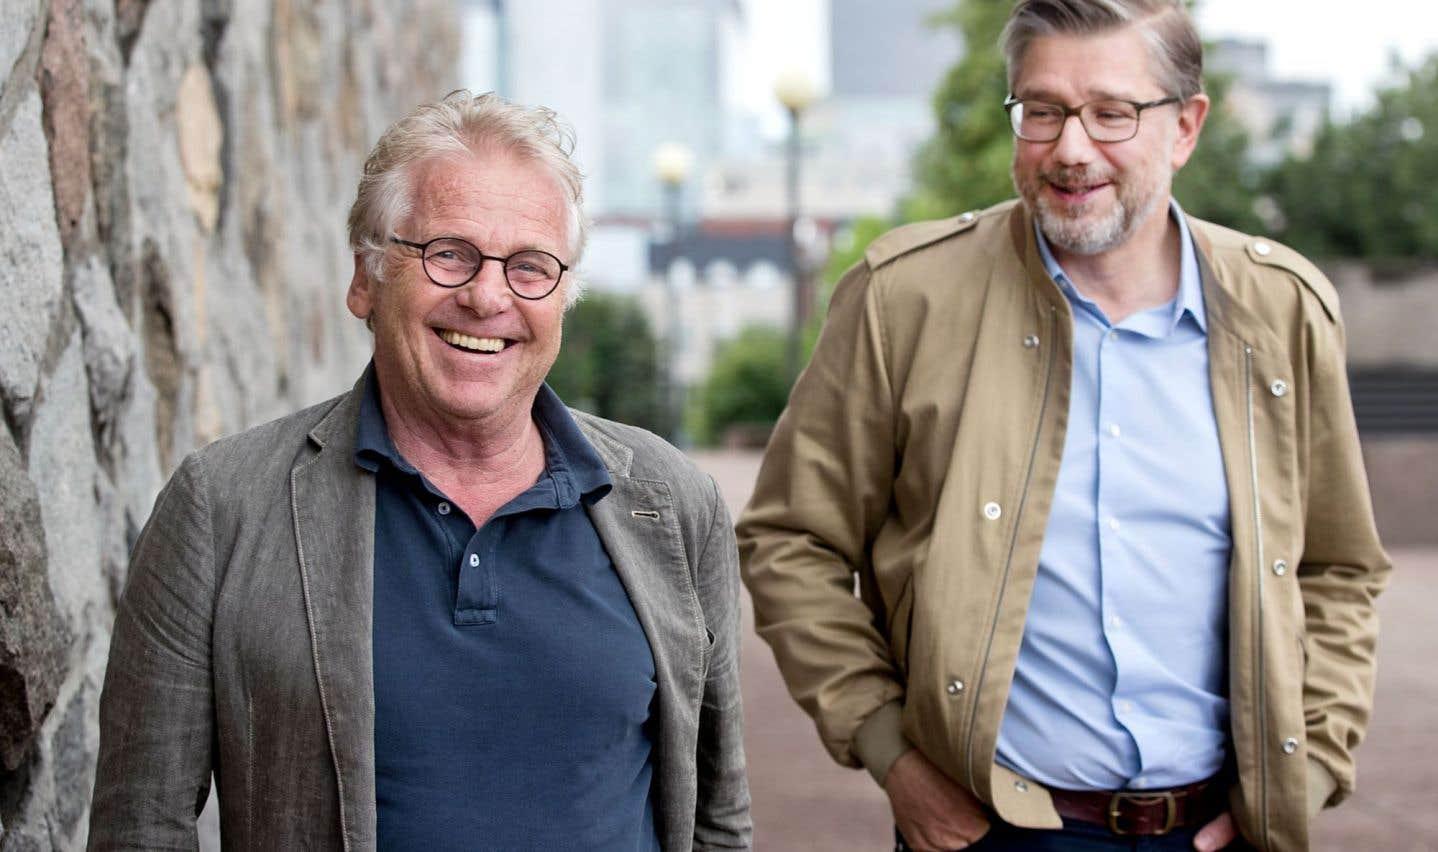 Daniel Cohn-Bendit et Jean Quatremer parlent de l'avenir de l'Union européenne.